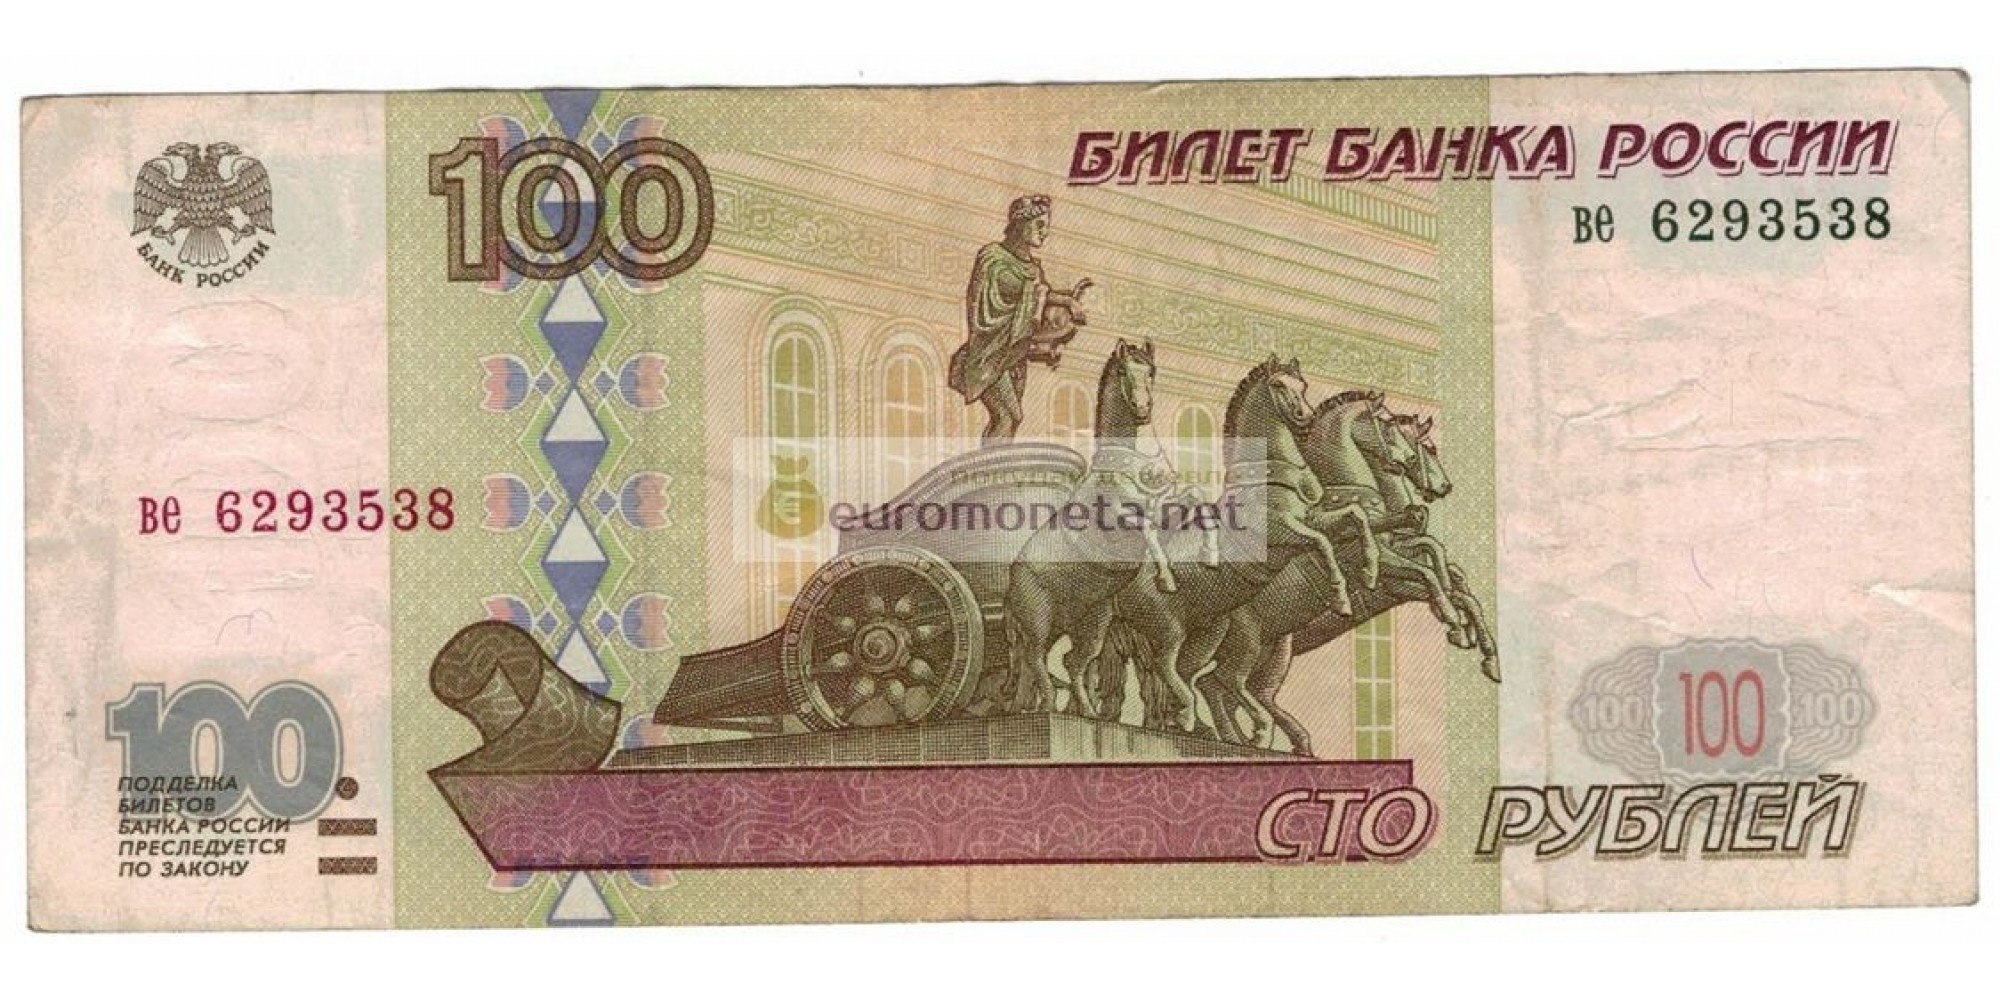 Россия 100 рублей 1997 год без модификации серия ве 6293538